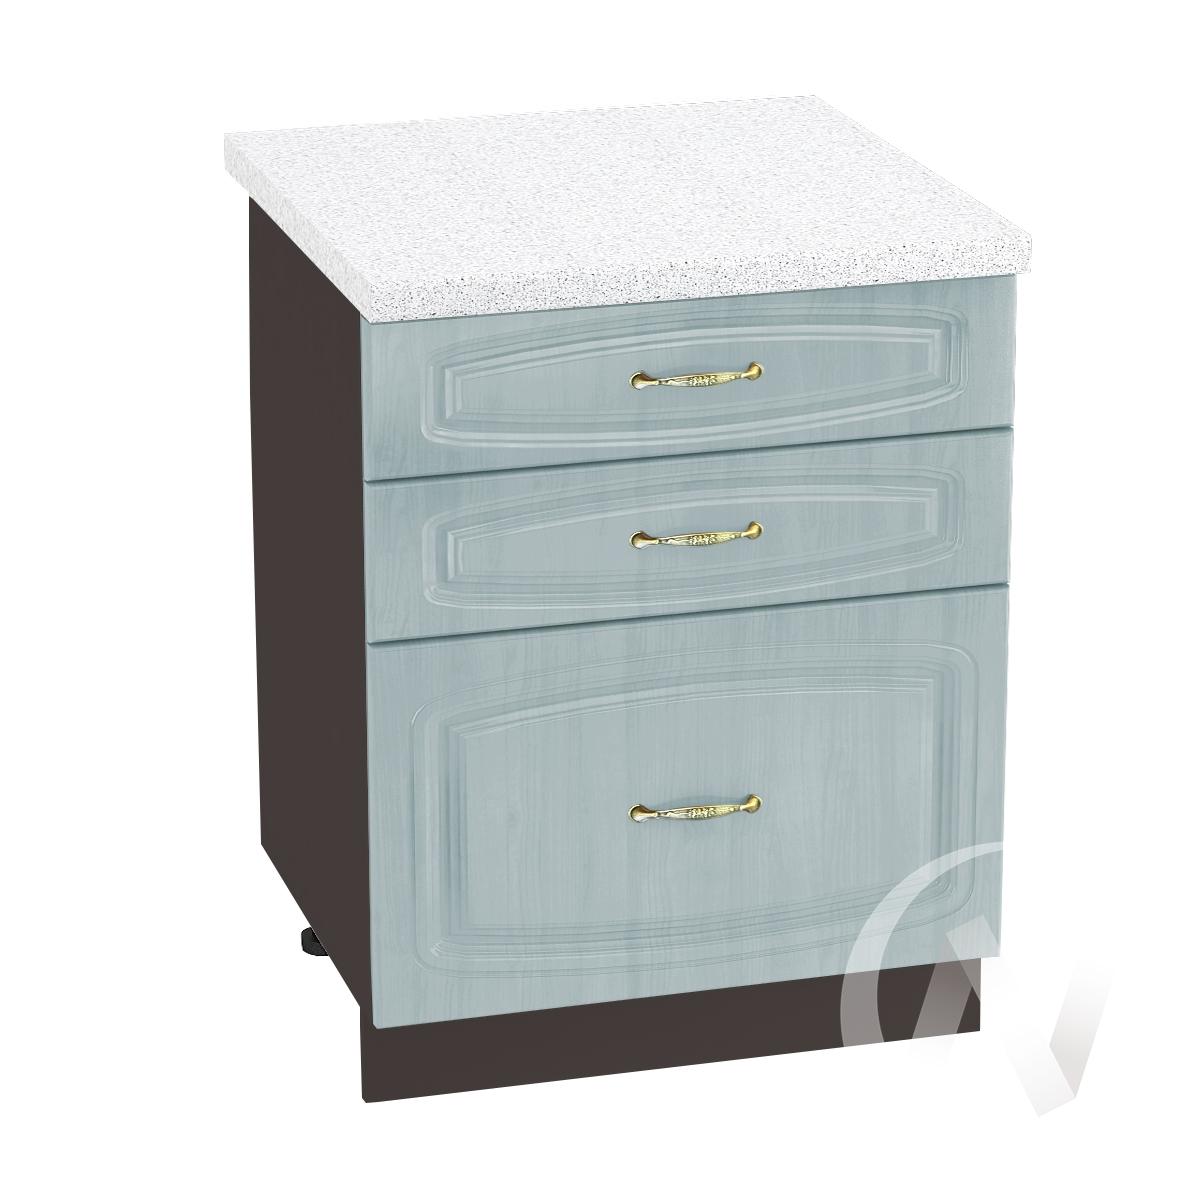 """Кухня """"Сити"""": Шкаф нижний с 3-мя ящиками 600, ШН3Я 600 (корпус венге)"""